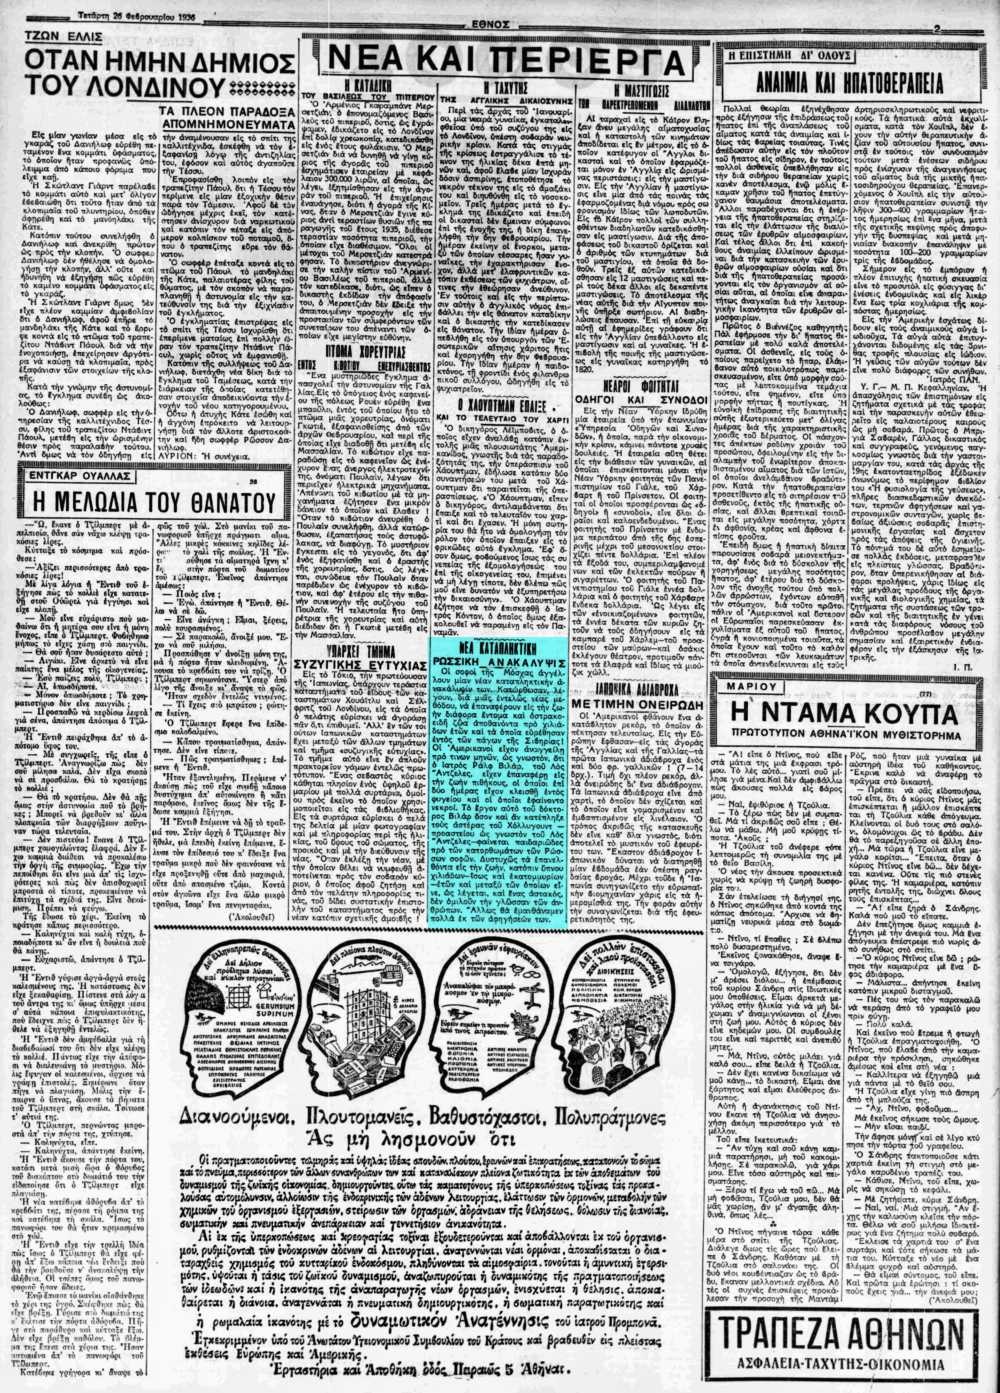 """Το άρθρο, όπως δημοσιεύθηκε στην εφημερίδα """"ΕΘΝΟΣ"""", στις 26/02/1936"""